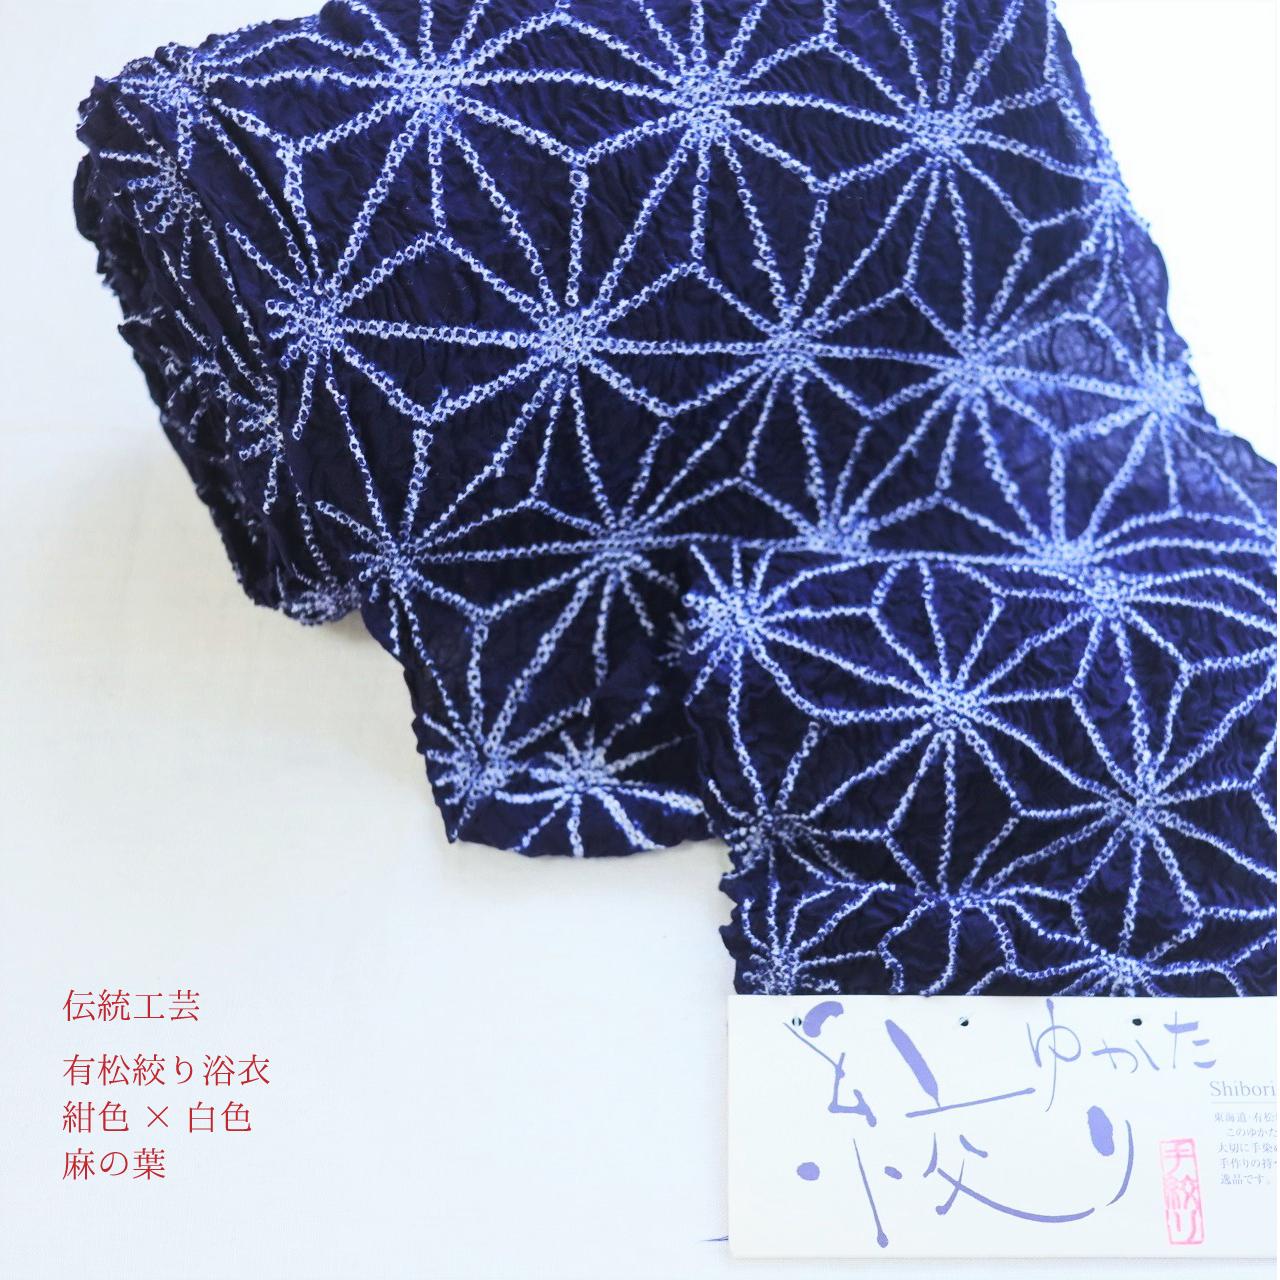 伝統の有松絞り浴衣 麻の葉文様でシンプルに華やかに